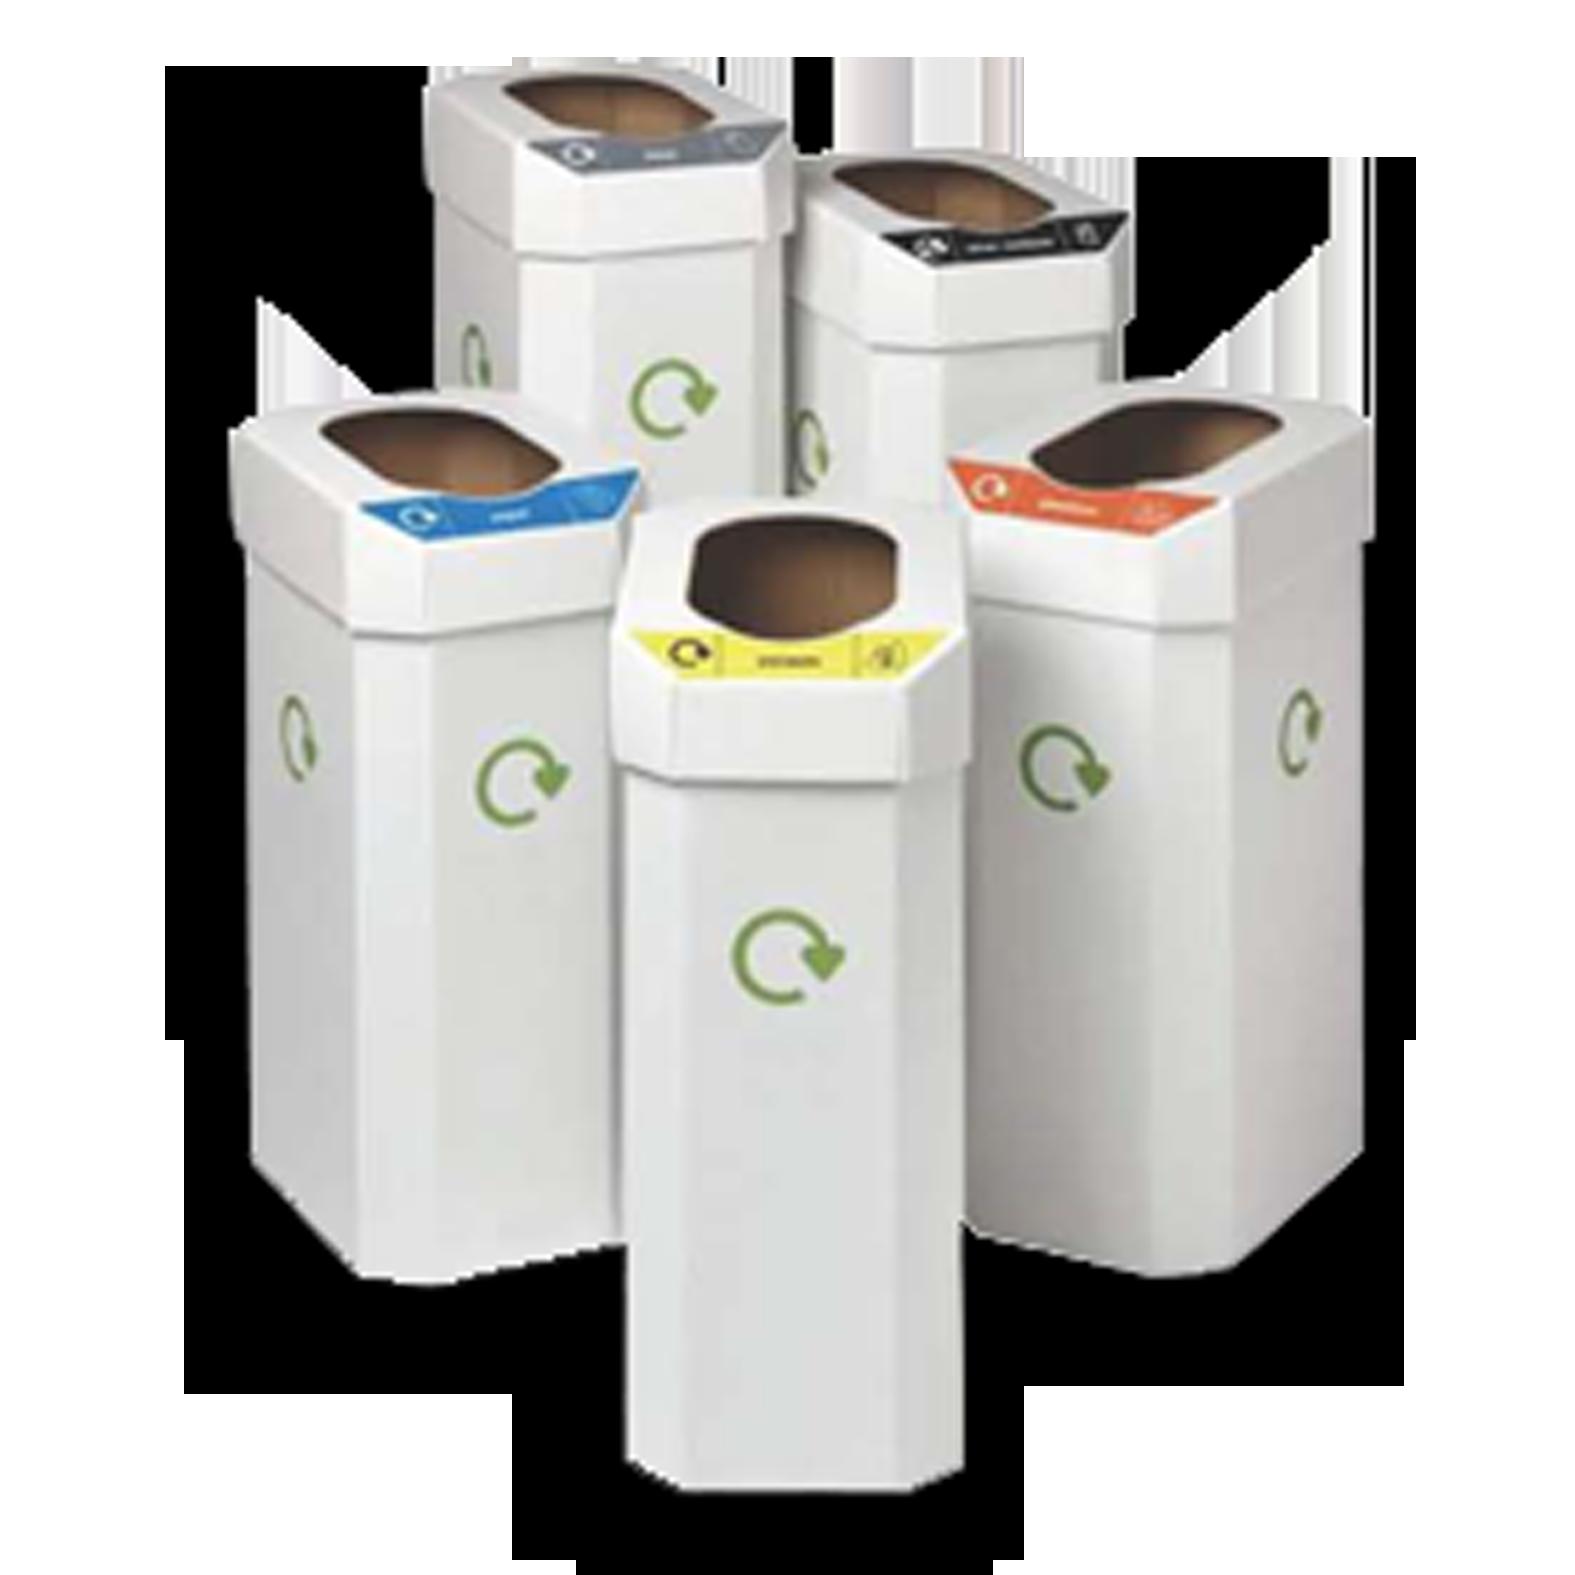 F02GW08003_a_papelera_reciclaje_carton.p